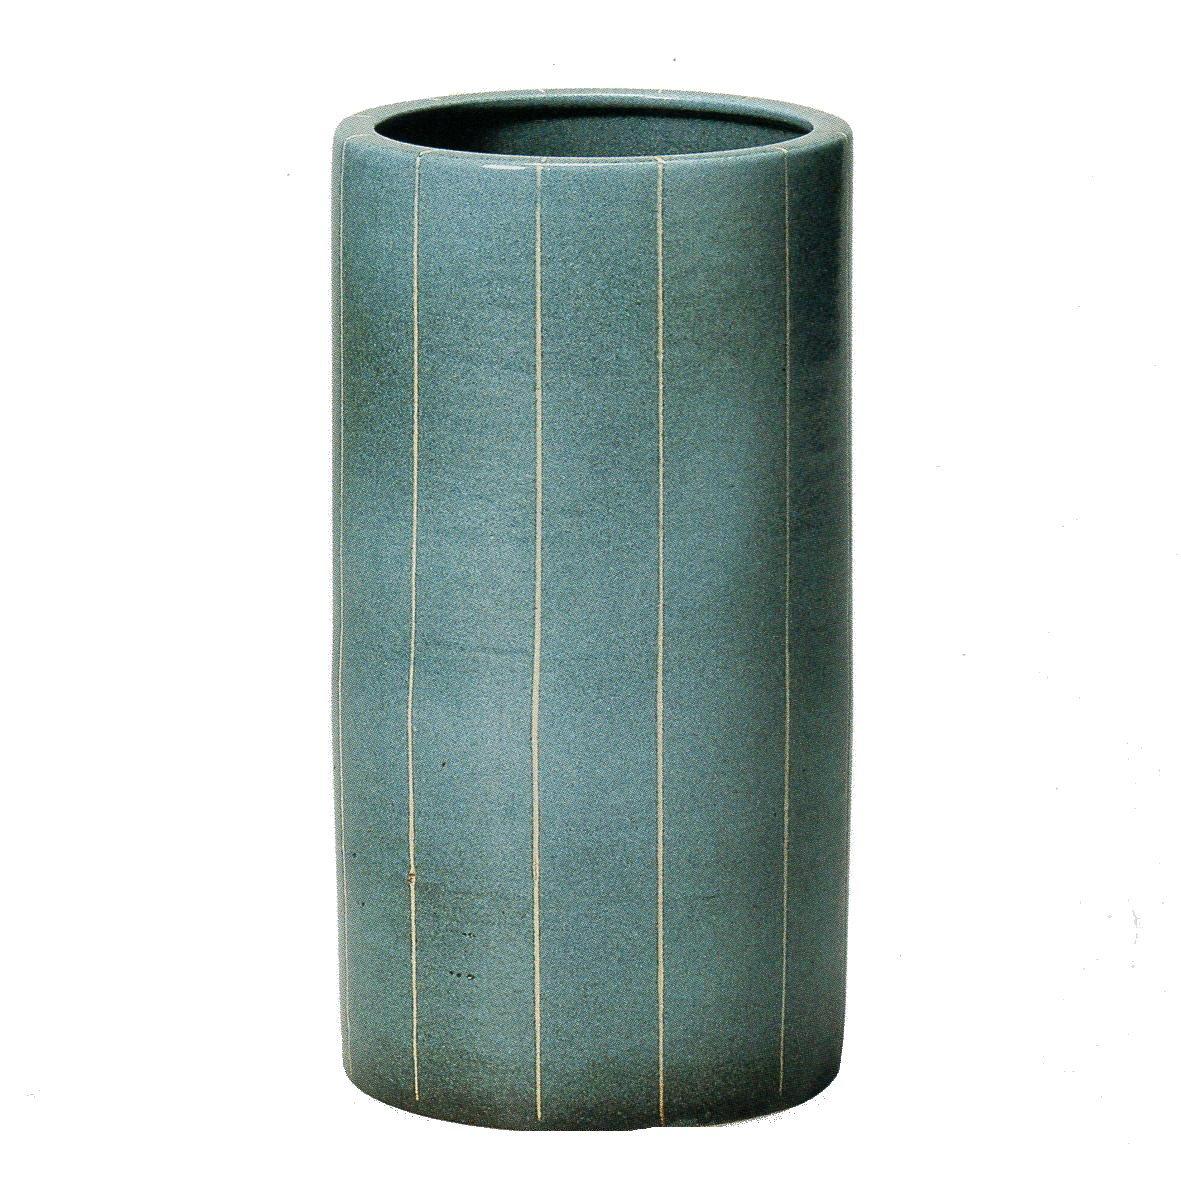 青ライン傘立 (信楽焼き しがらき焼き 陶器 傘立 傘立て 玄関 レインスタンド I) B079QKNYFG